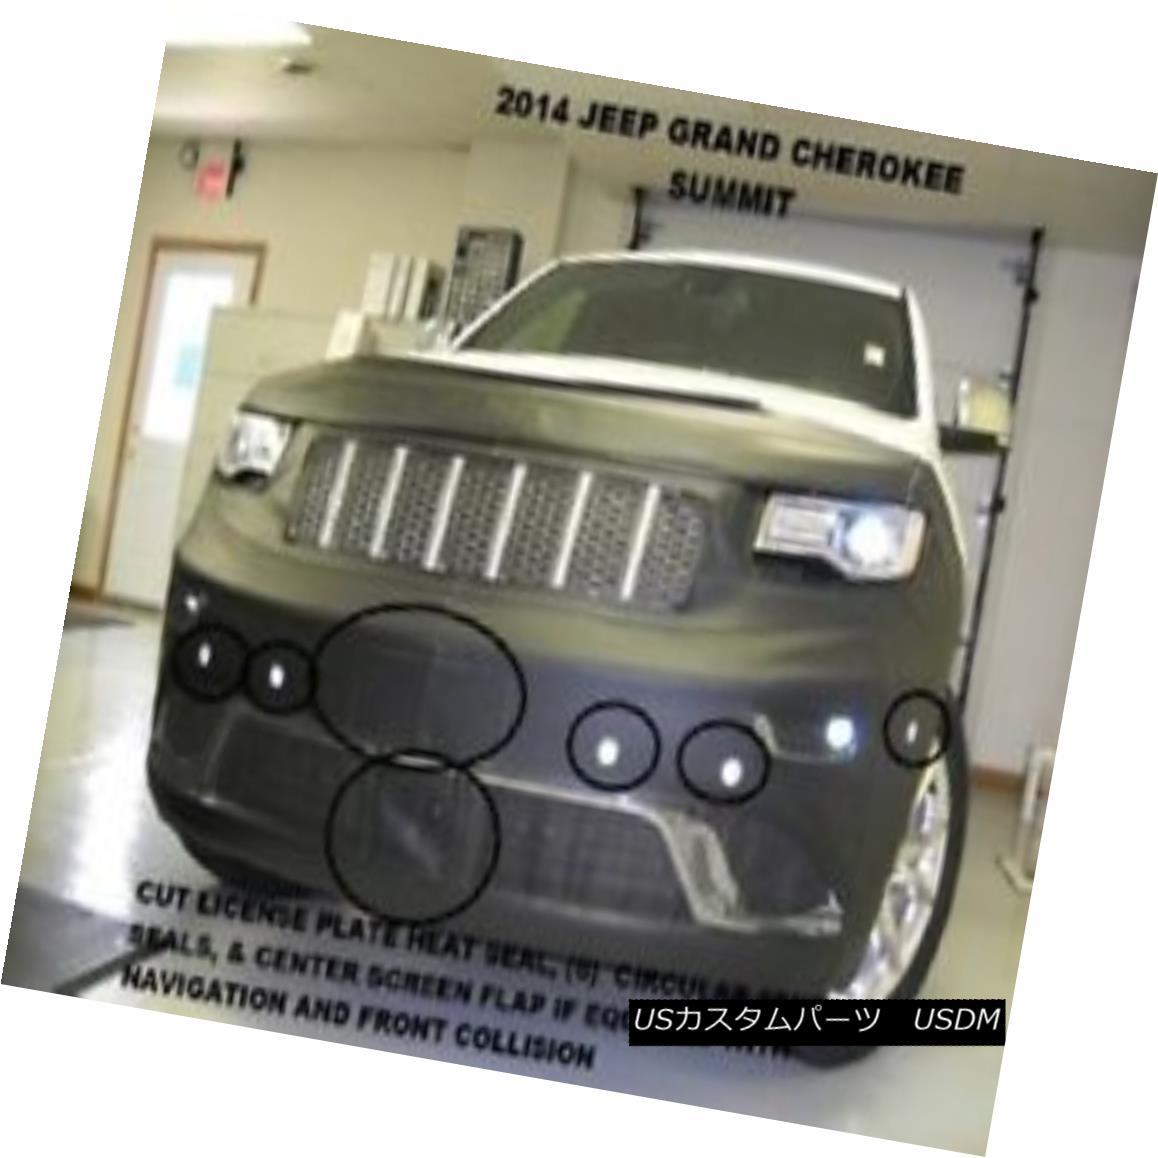 フルブラ ノーズブラ Lebra Front End Mask Bra Fits Jeep Grand Cherokee Summit 2014-2016 14 15 16 LebraフロントエンドマスクブラはJeep Grand Cherokee Summitにフィット2014-2016 14 15 16画像